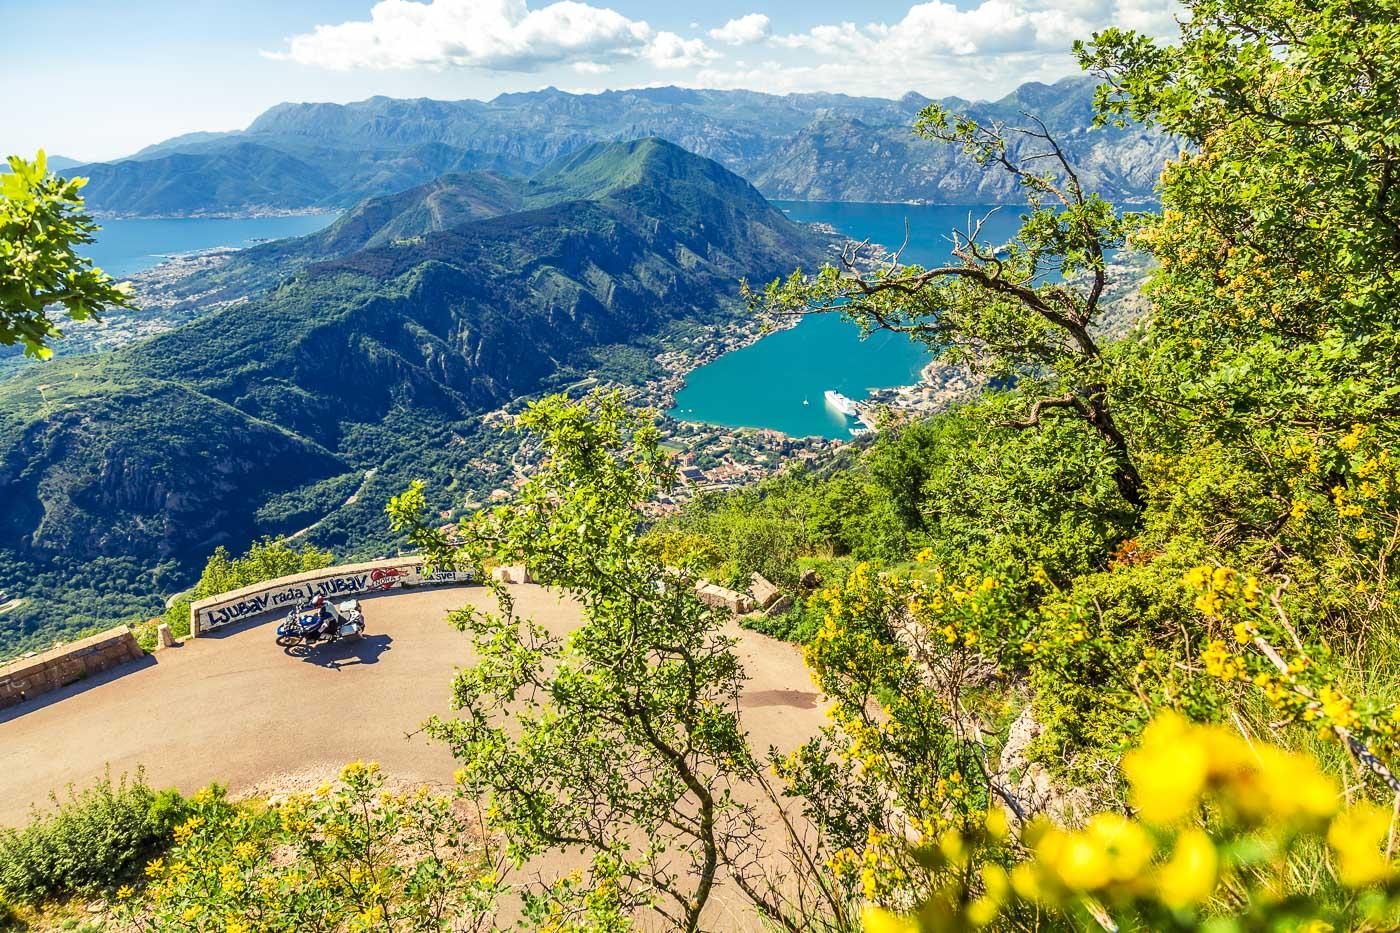 Reise_Balkan-9196.jpg